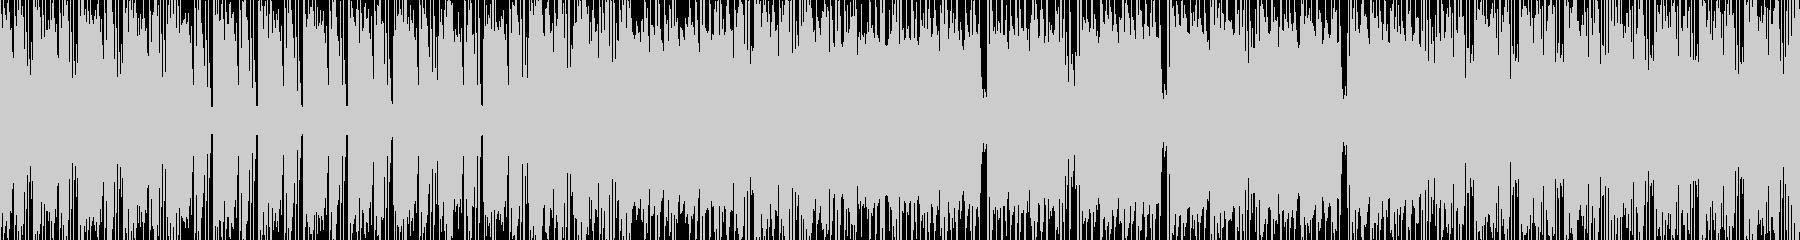 和風ロック調ループBGMの未再生の波形